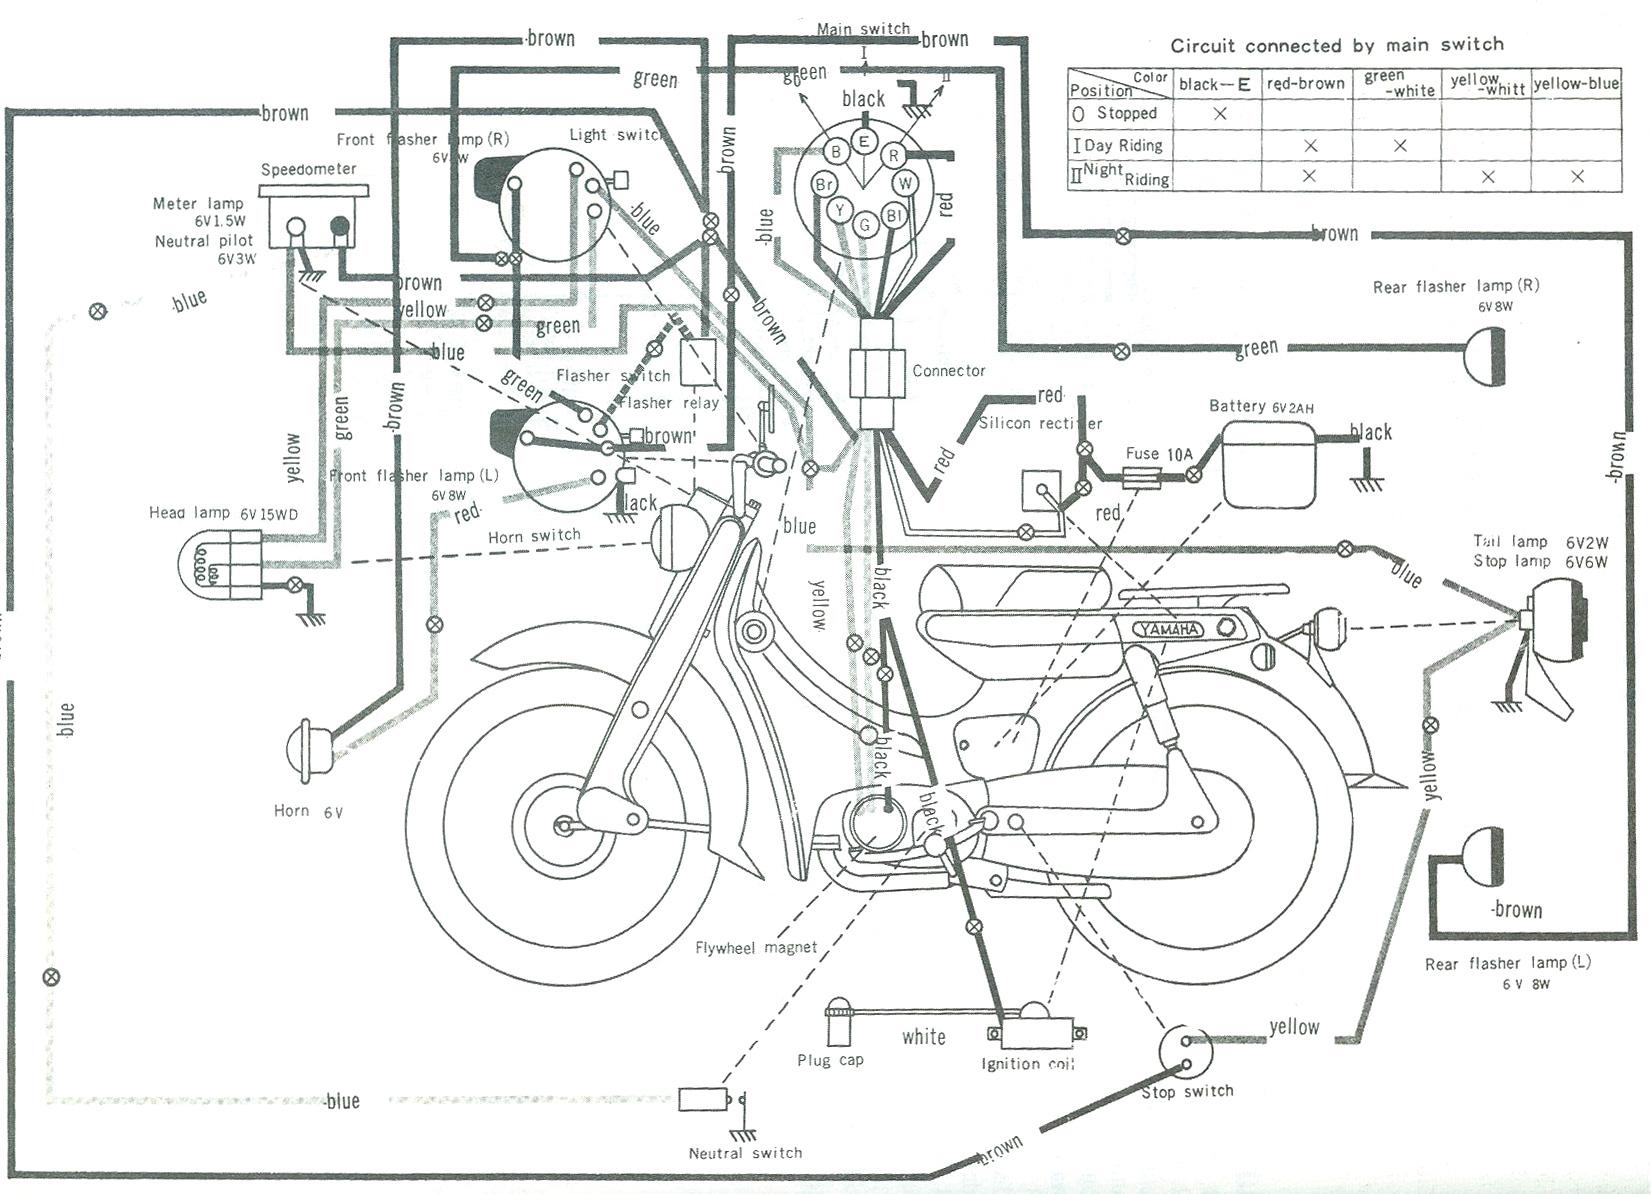 1975 yamaha dt 125 wire schematic wiring diagram rh w22 auto technik schaefer de